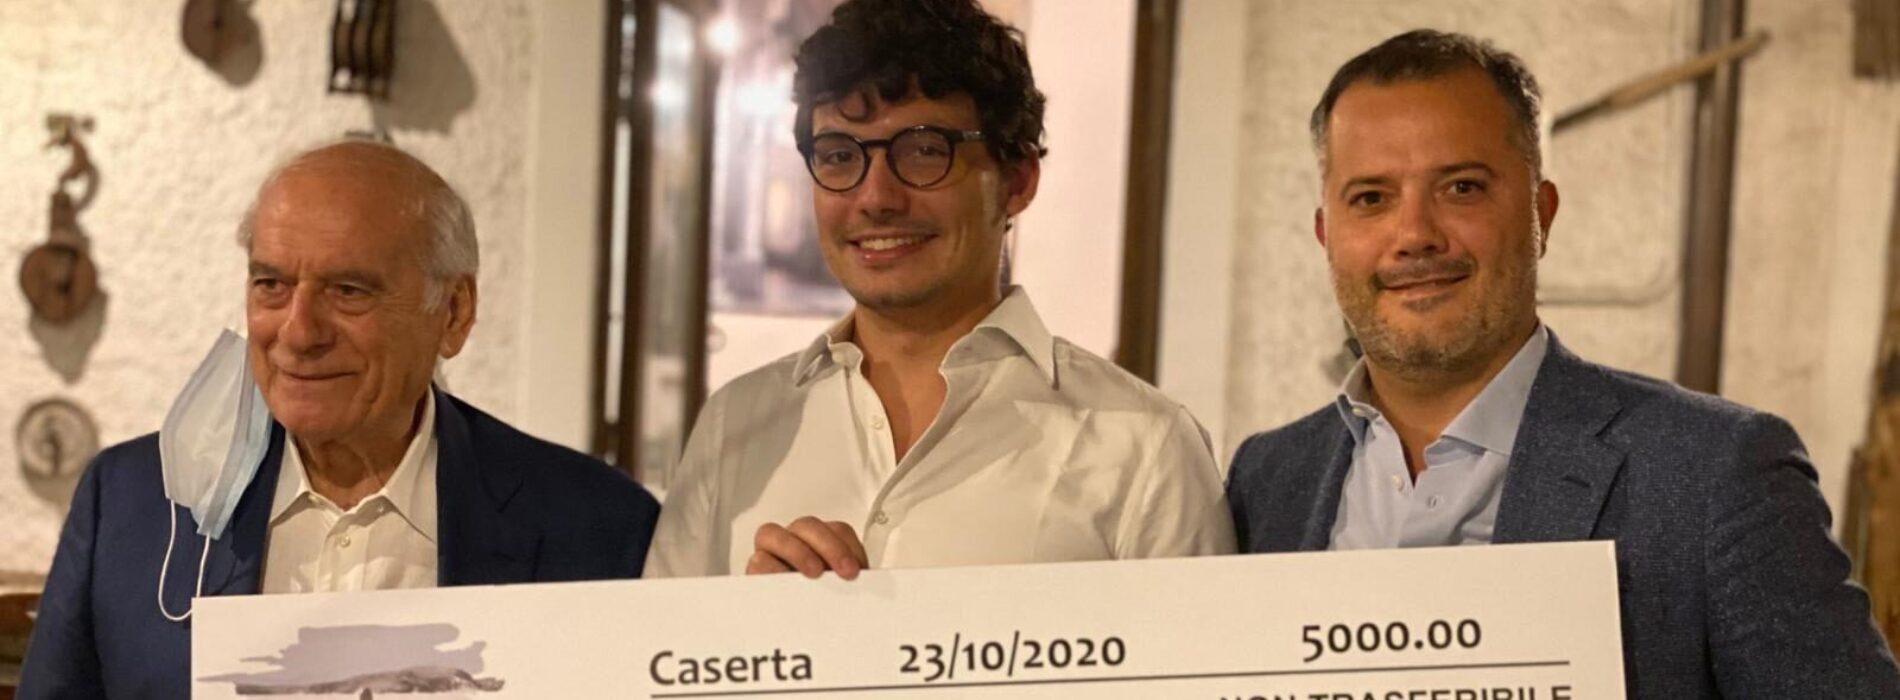 Associazione Alessandro Petteruti. Borsa di studio a Guido Ascione